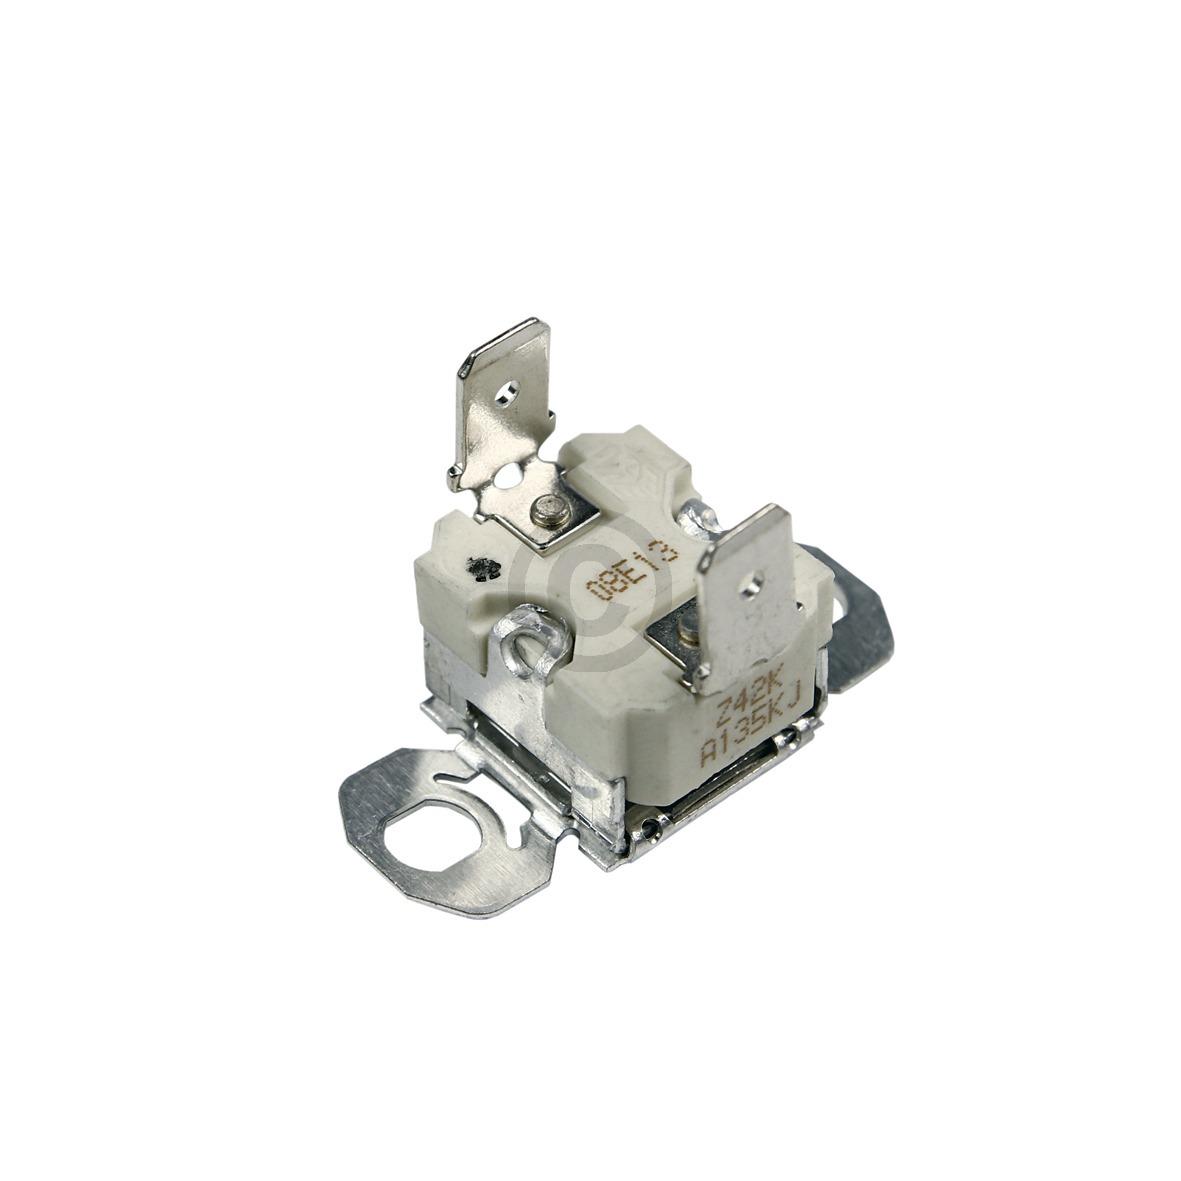 Temperaturbegrenzer 130°C 00173651 173651 Bosch, Siemens, Neff